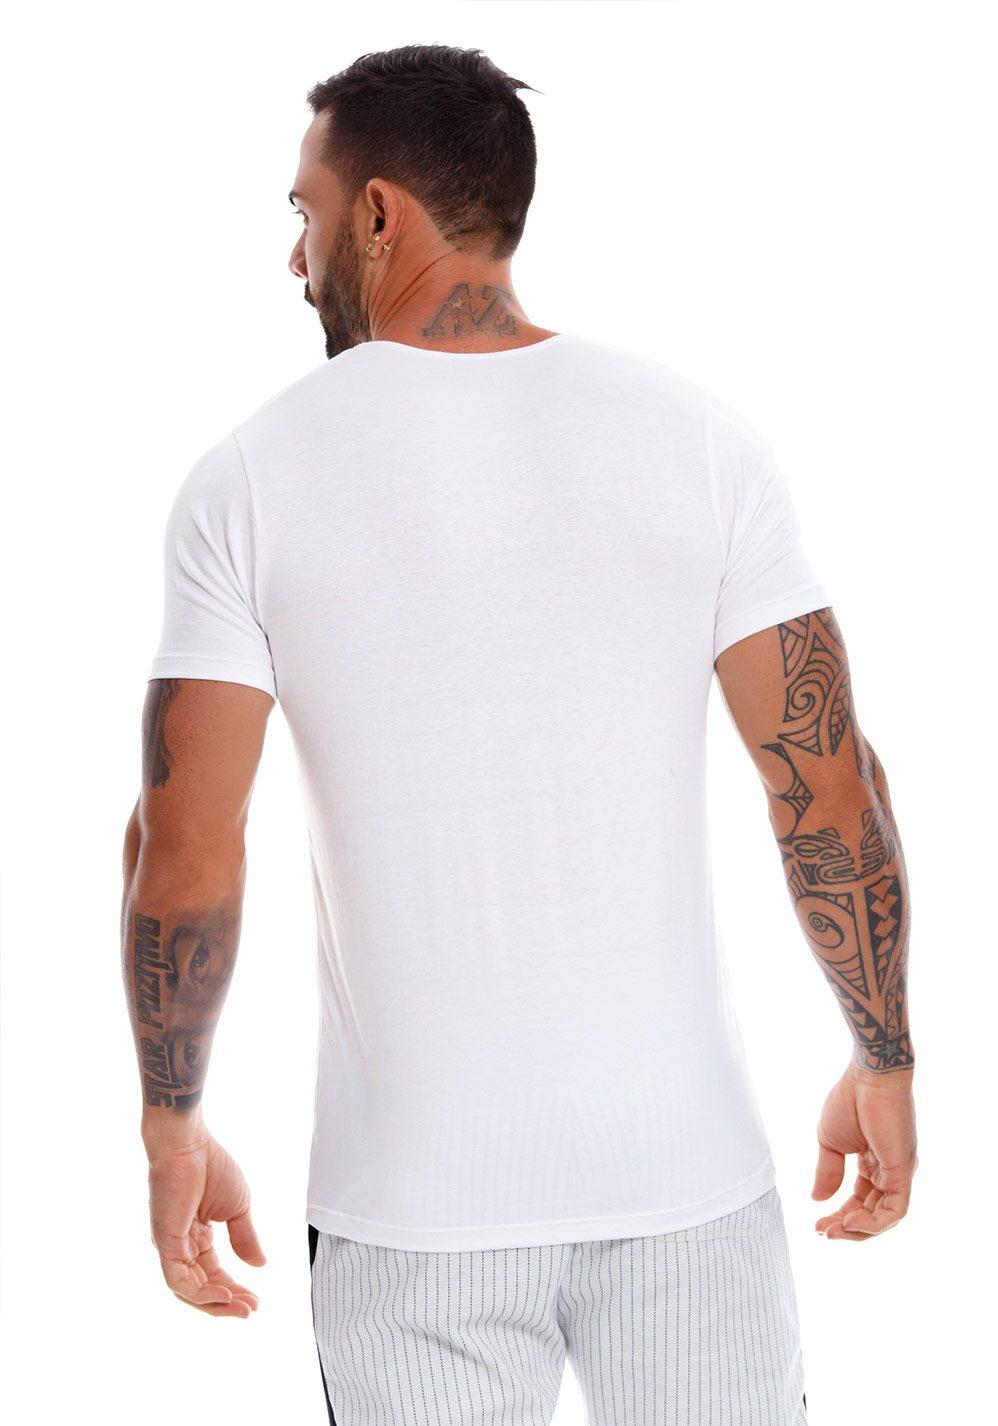 JOR T-Shirt Cross   White